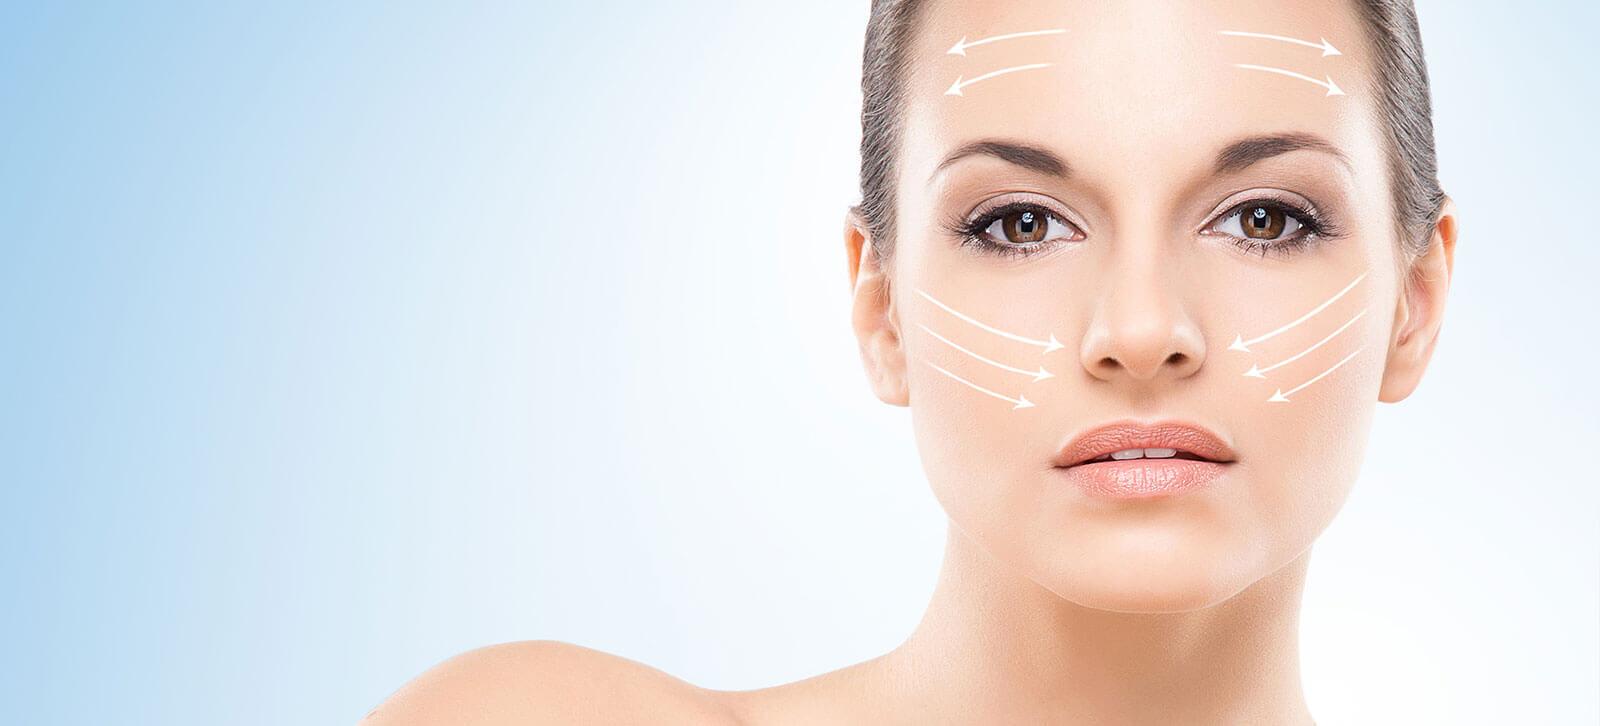 hedonai-promocion-especial-remodelacion-facial-rellenos-ejemplo